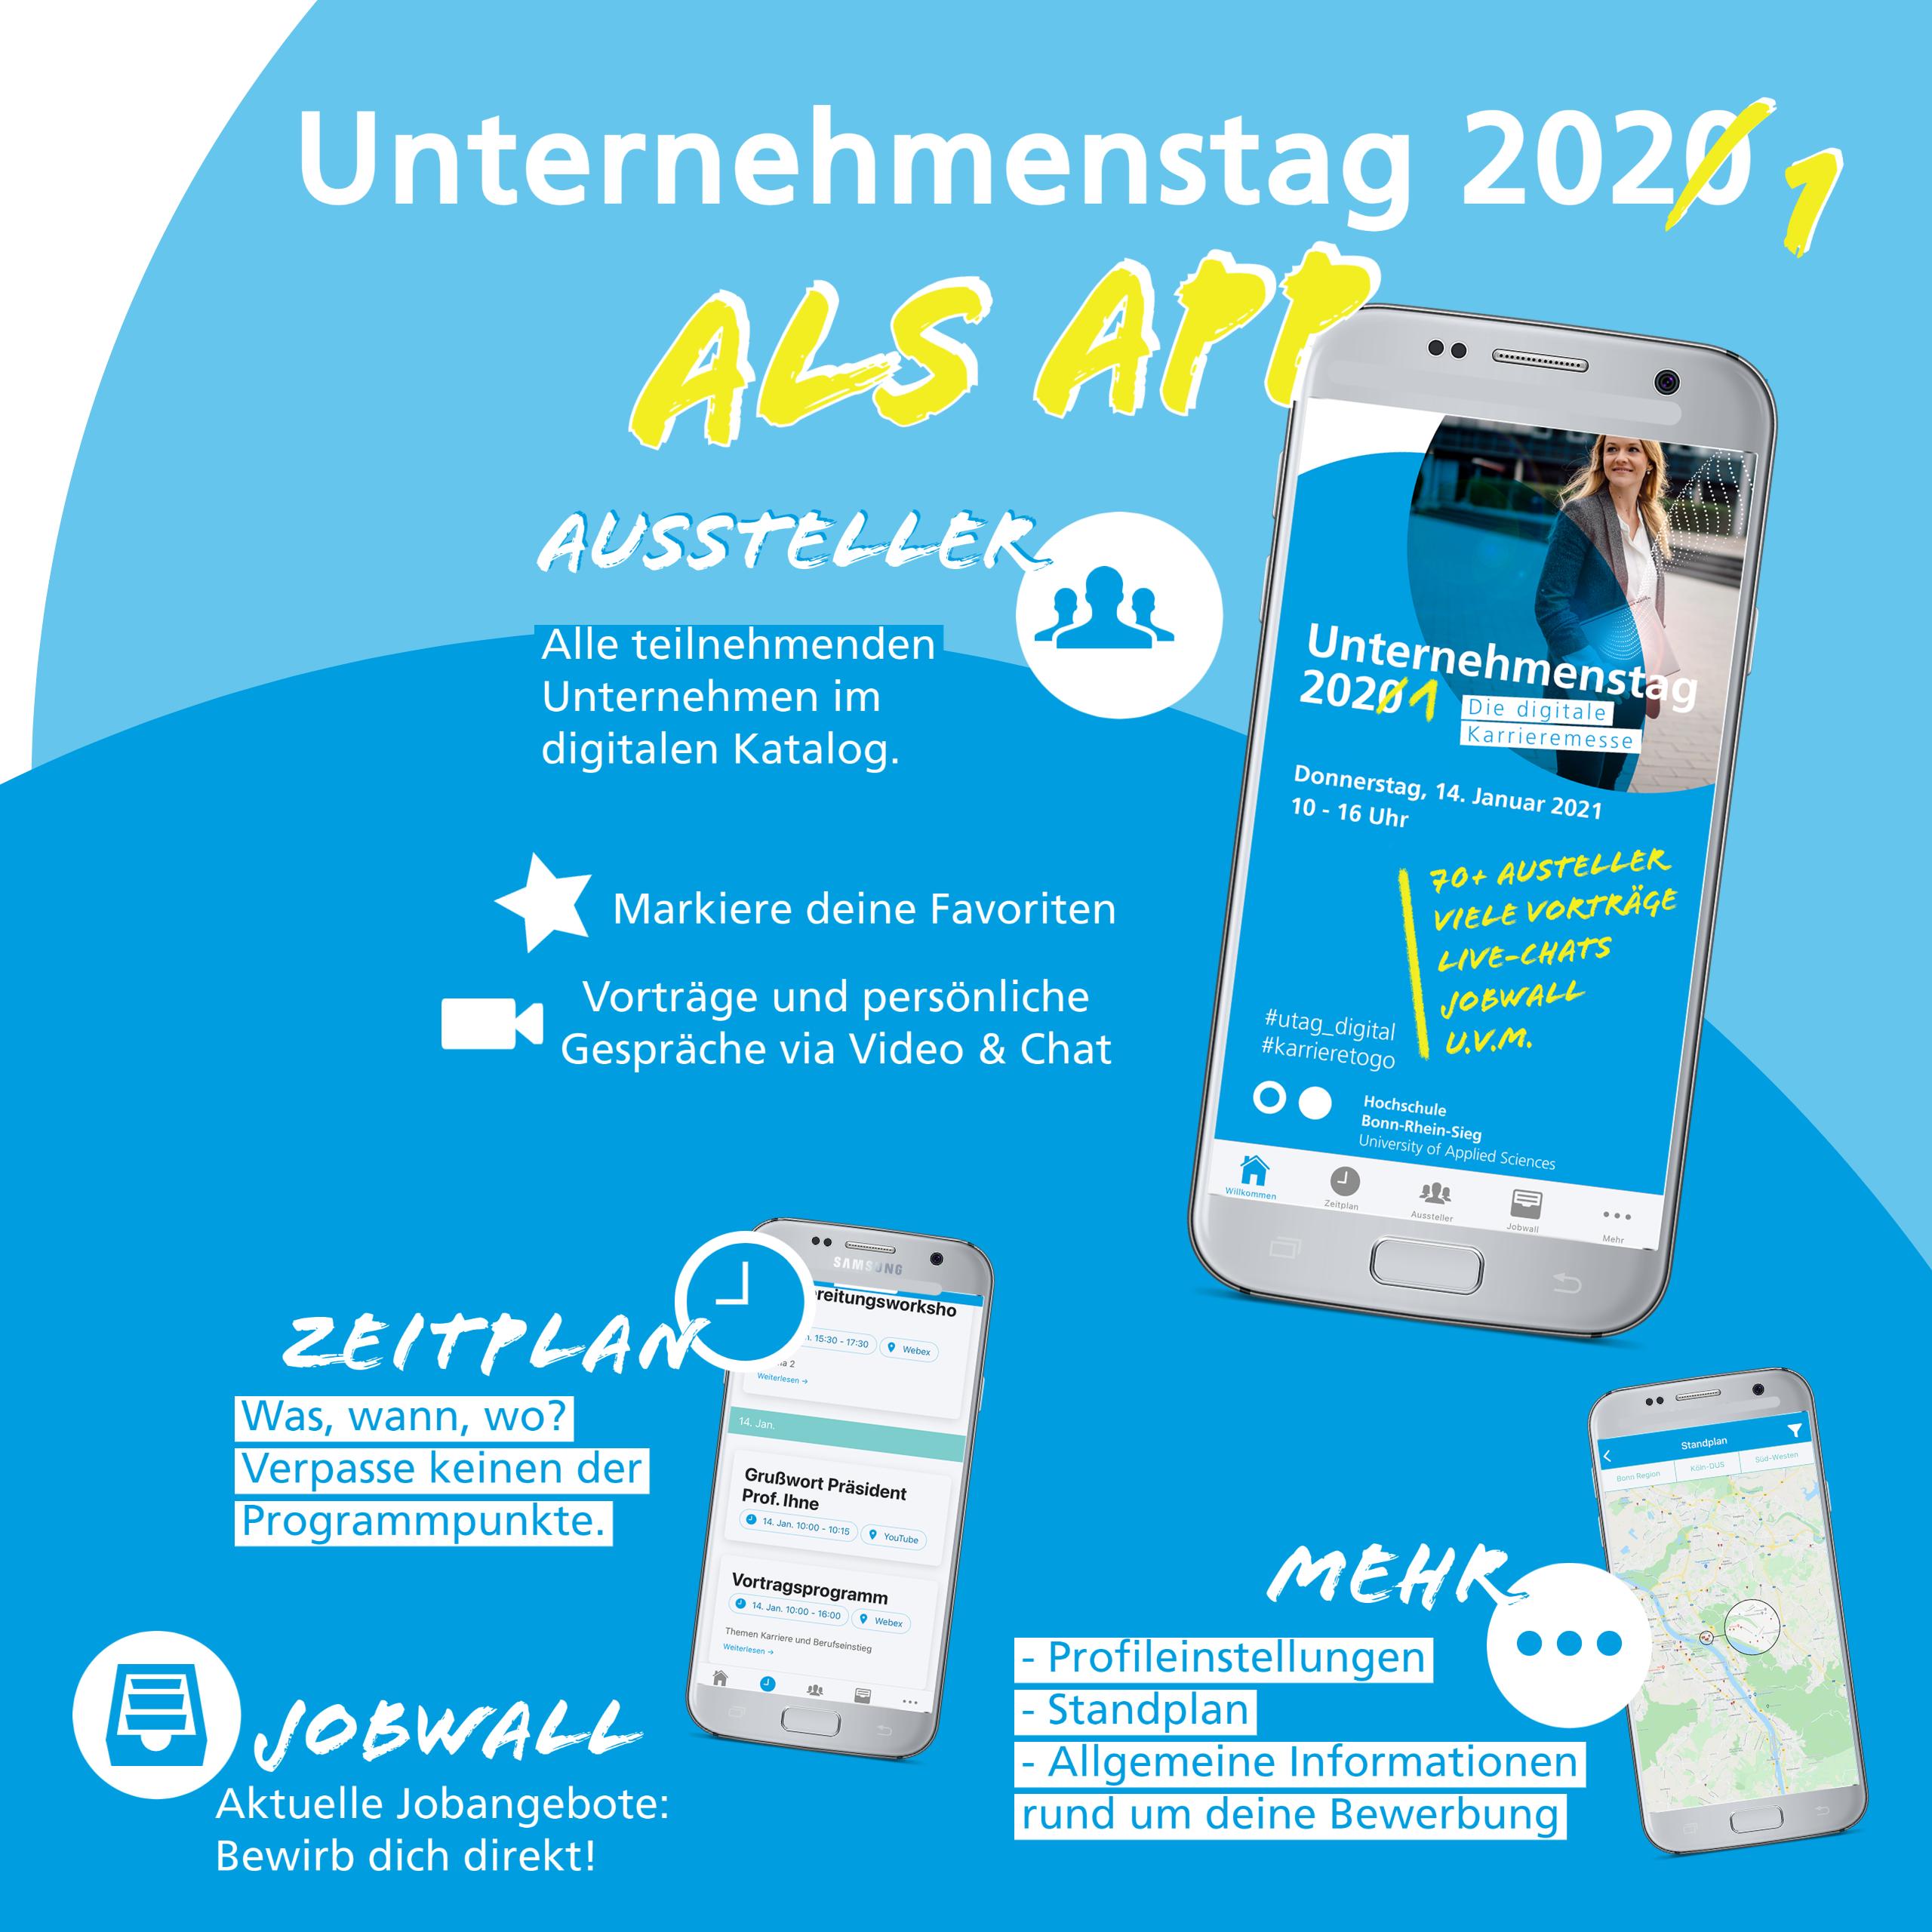 Die Unternehmenstag-App wird mit ihren verschiedenen Funktionen vorgestellt. Ein Smartphone stellt dar, wie die App auf dem Bildschrim aussieht. Die verschiedenen Reiter der App, werden mit ihren wichtigsten Funktionen aufgelistet.